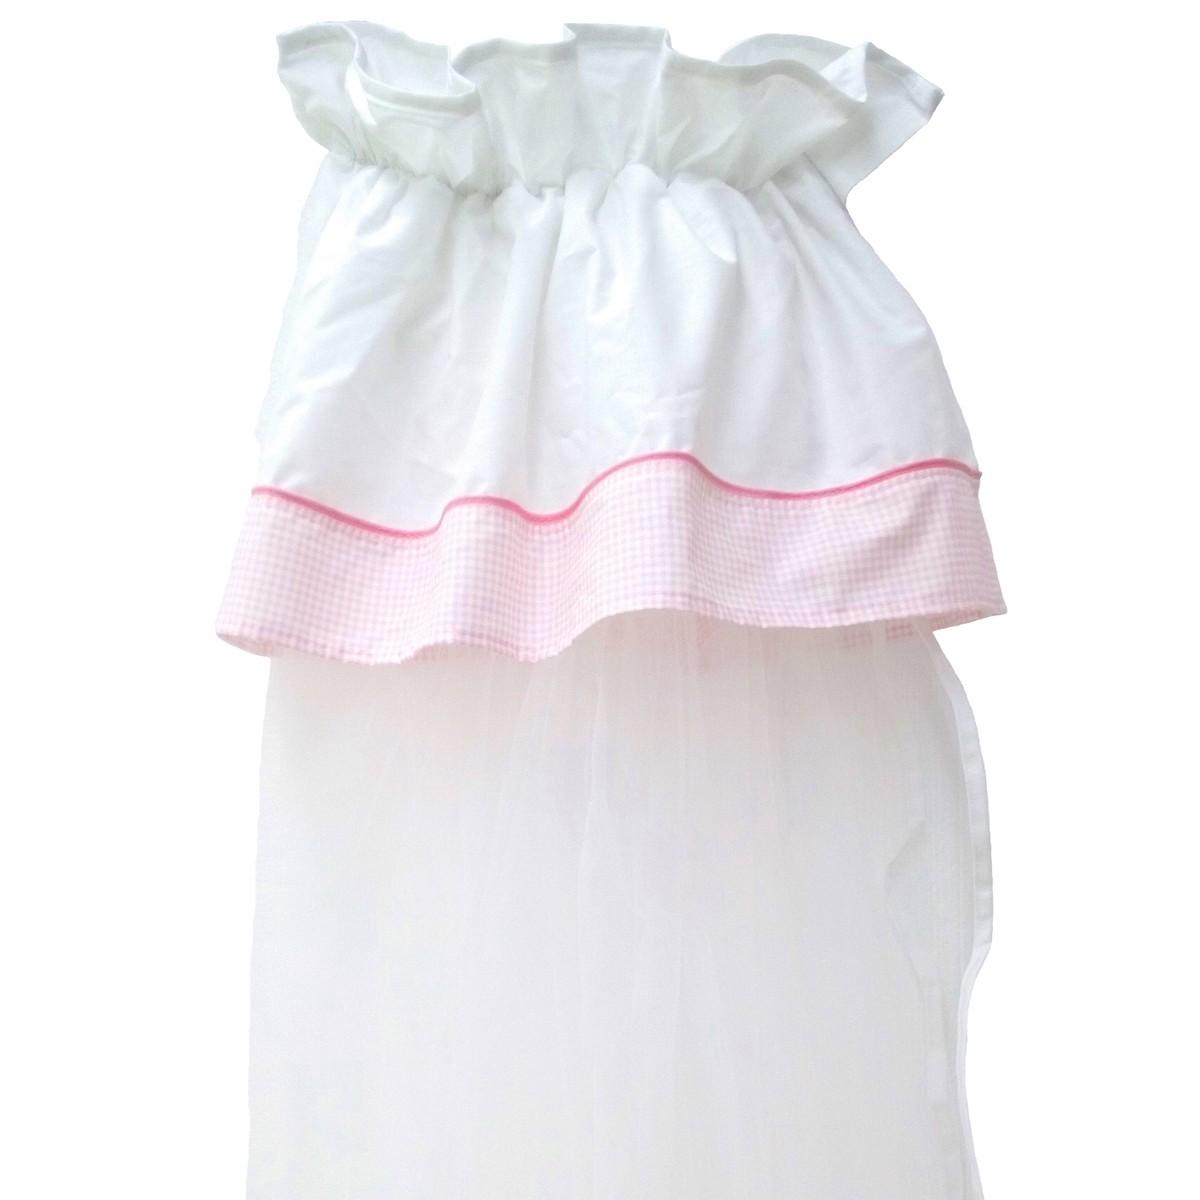 Κουνουπιέρα Κούνιας Κόσμος Του Μωρού 7924 Καρό Ροζ home   βρεφικά   κουνουπιέρες